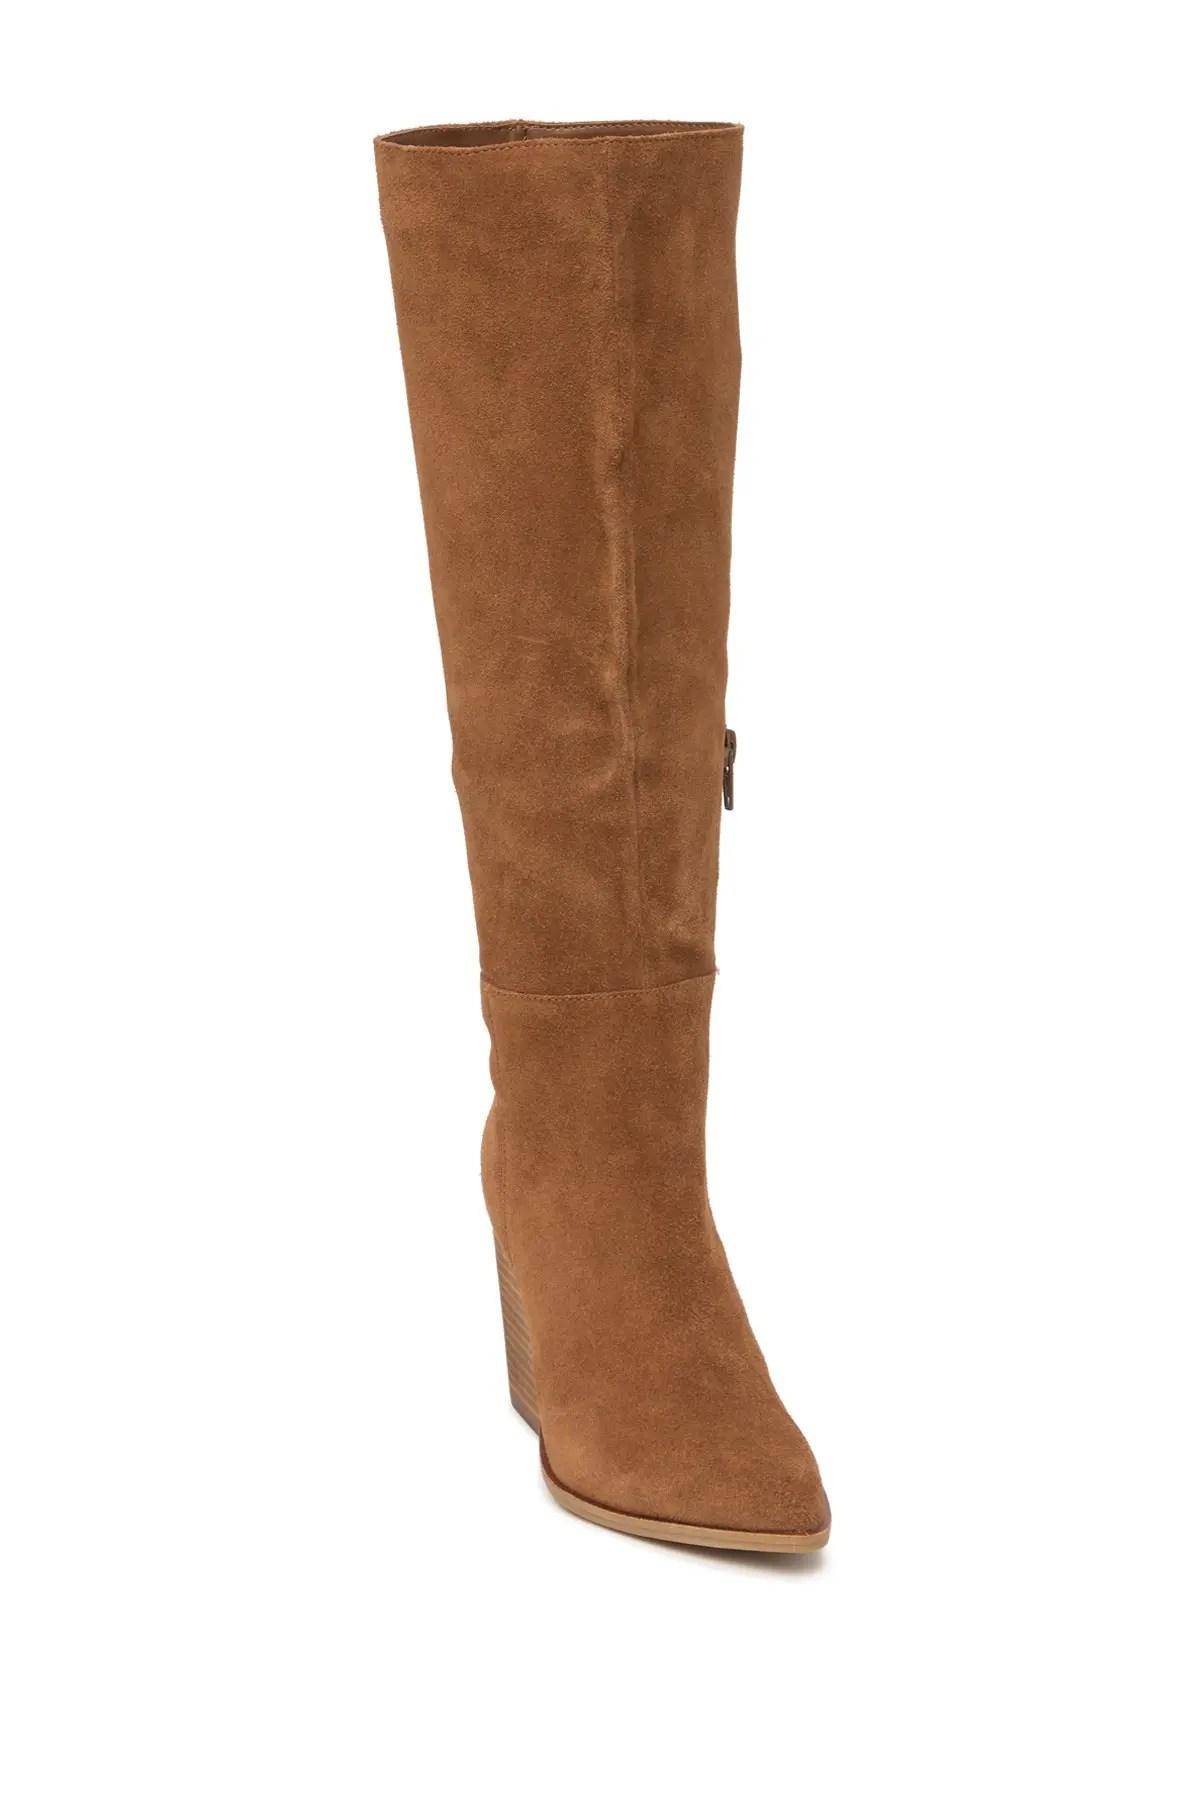 steve madden women s boots booties